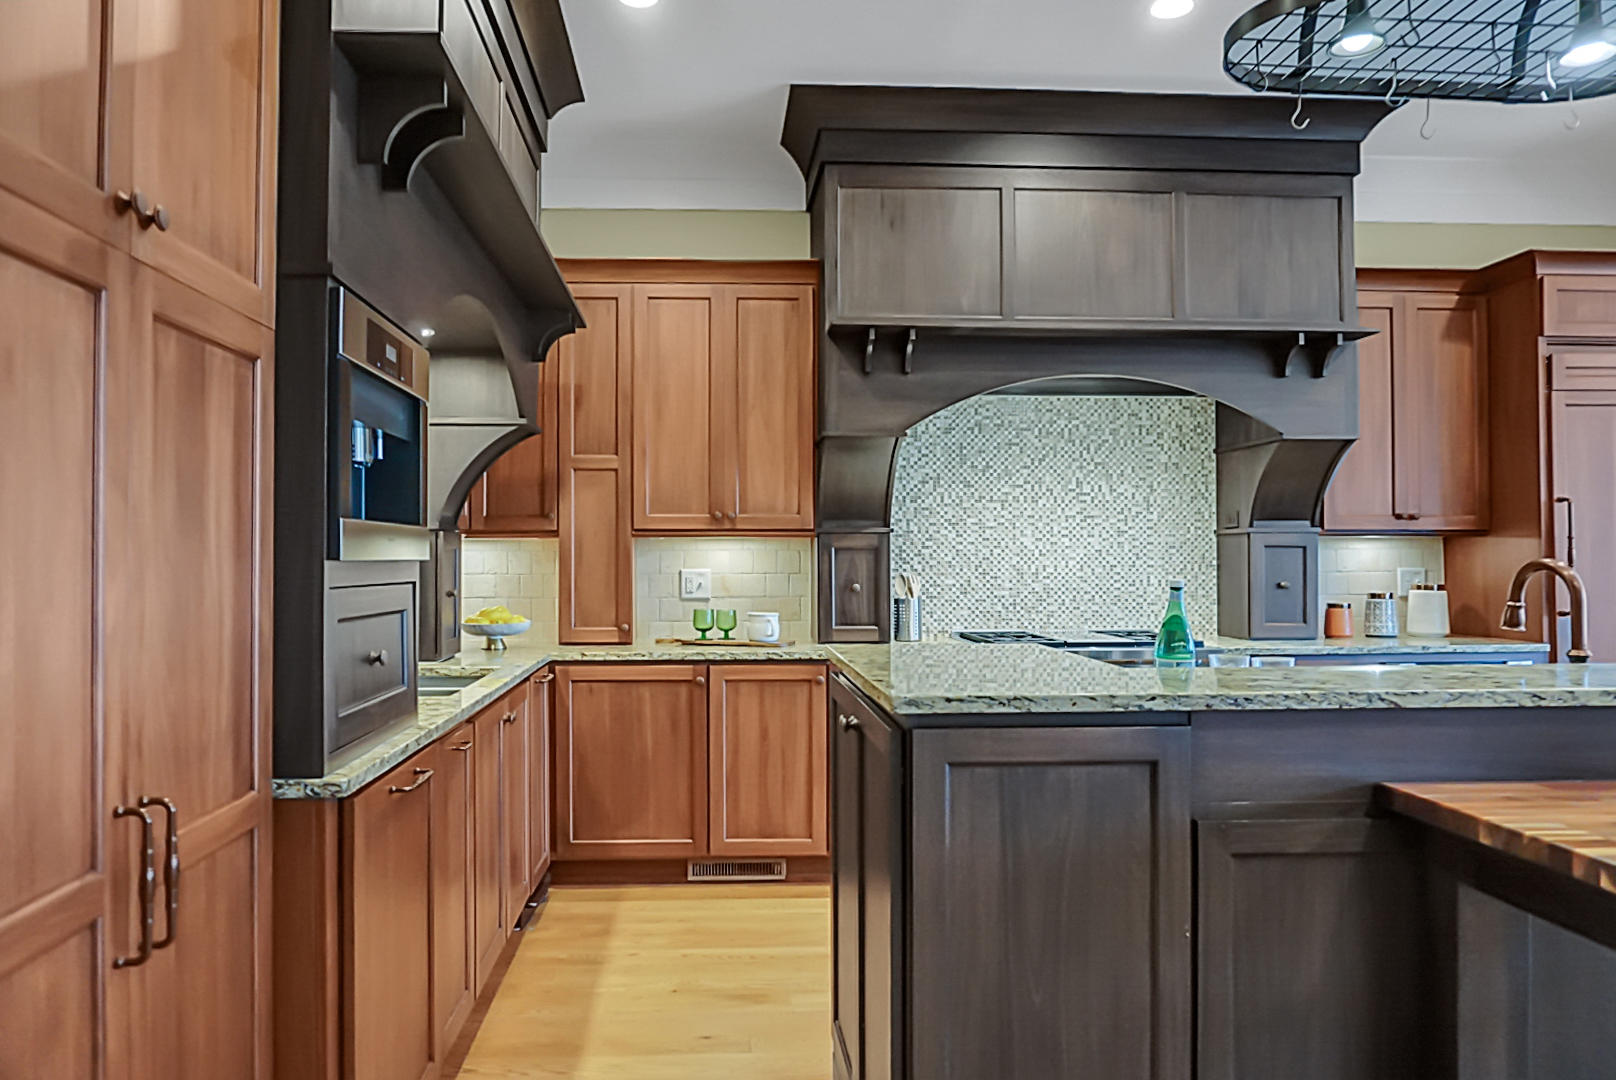 Dunes West Homes For Sale - 2978 River Vista, Mount Pleasant, SC - 68